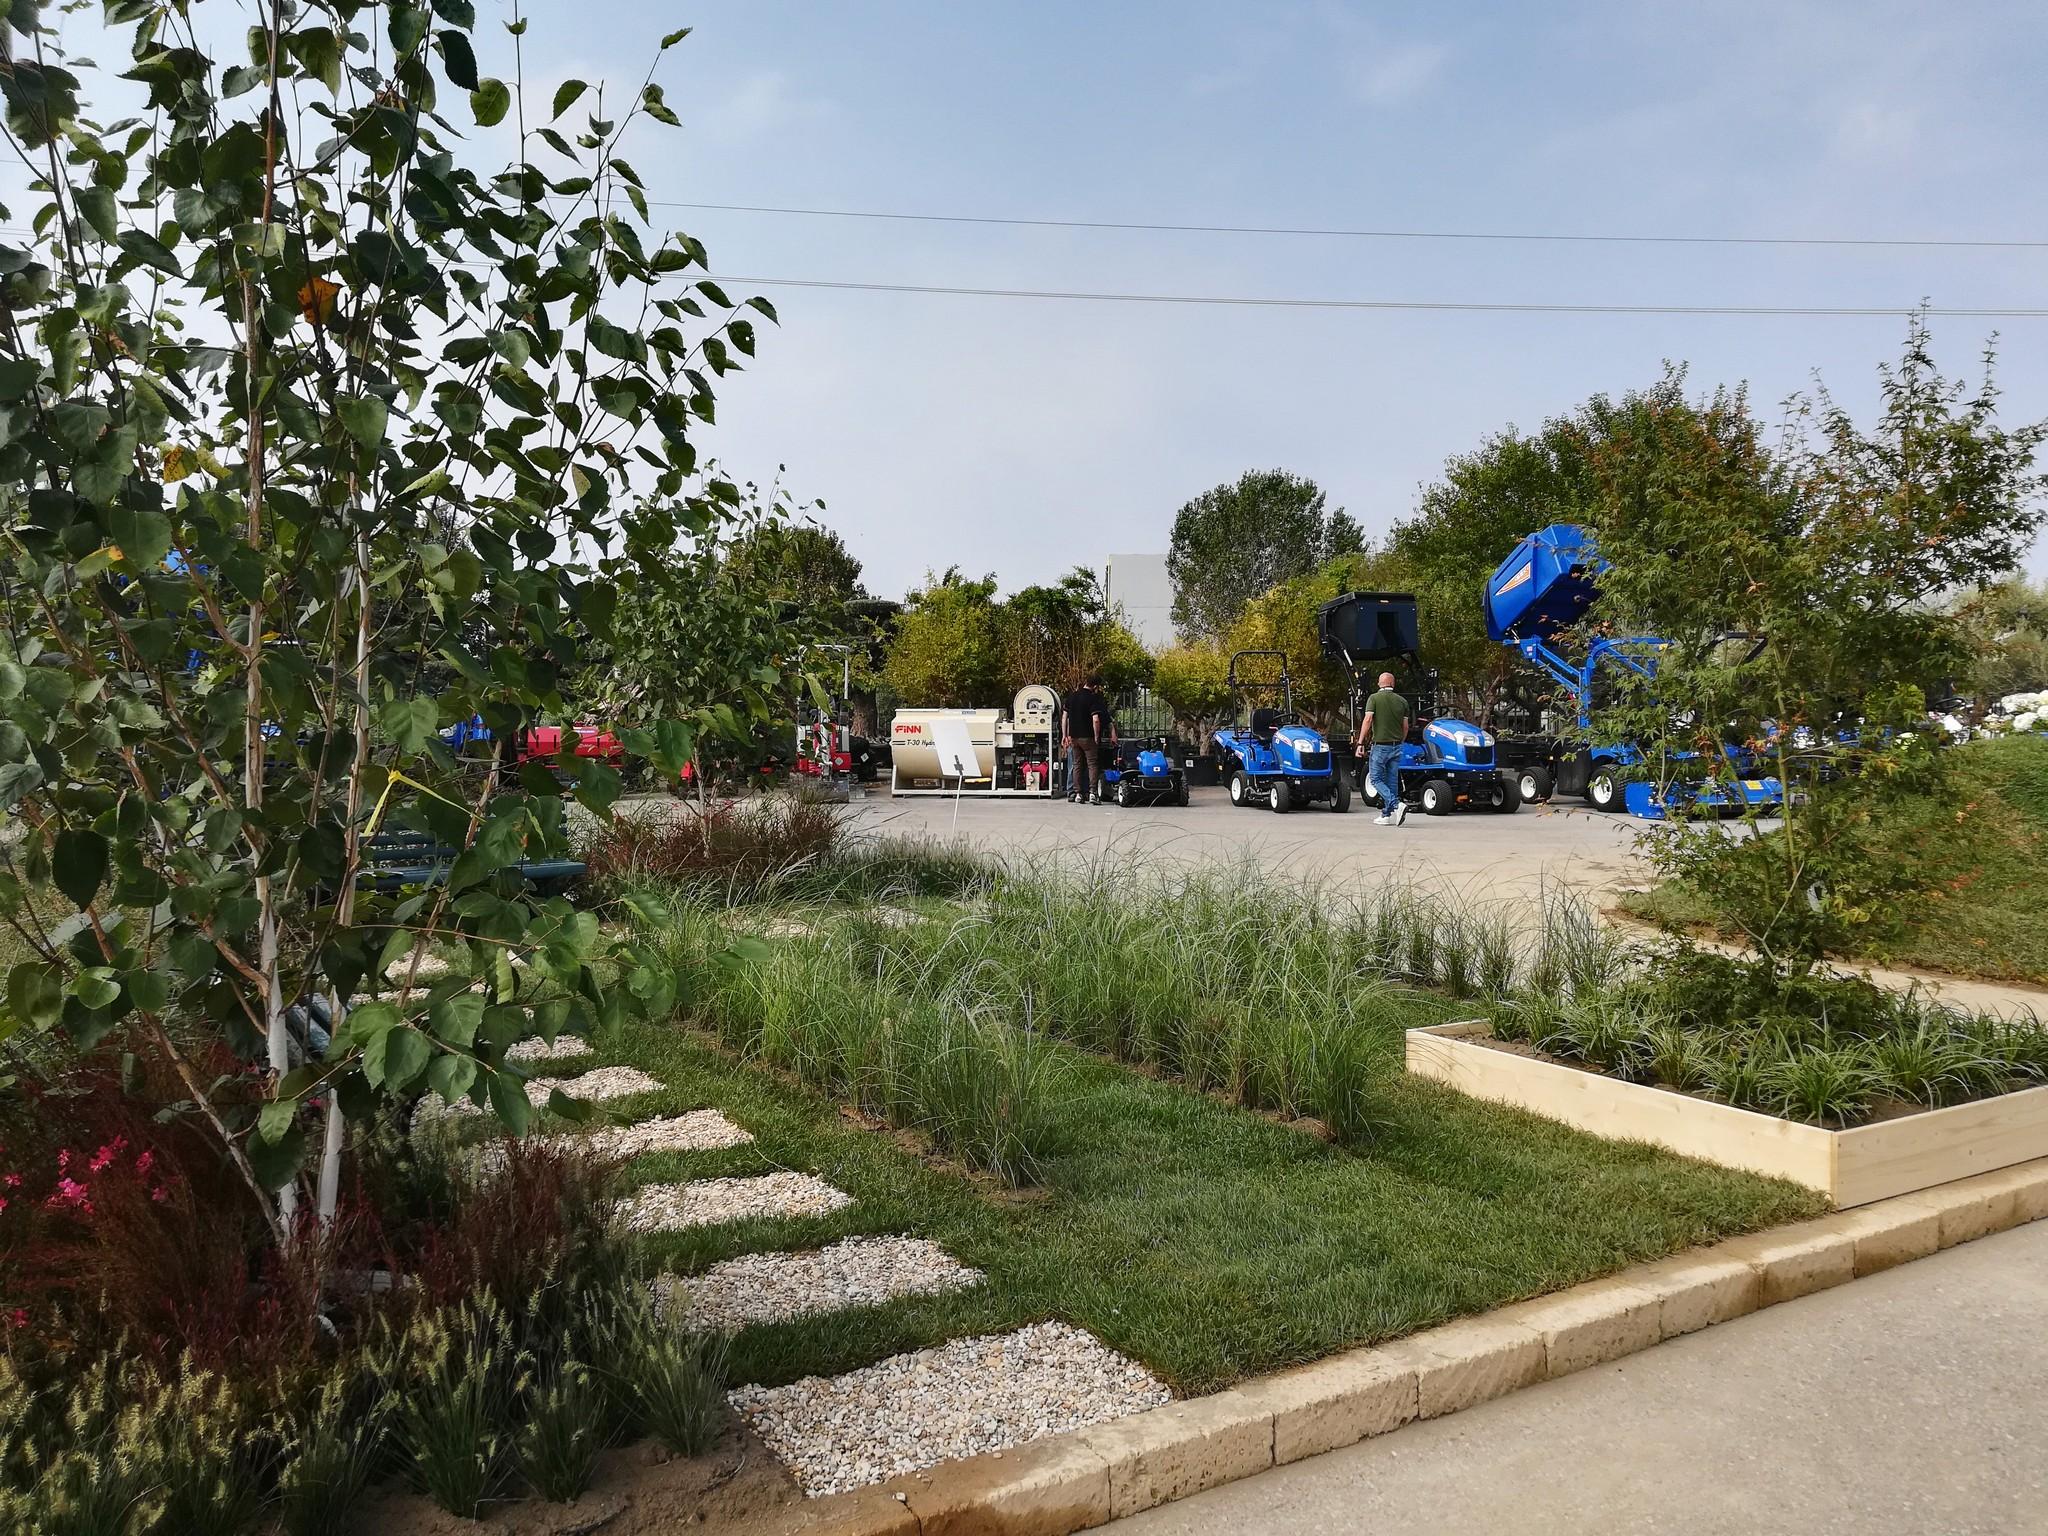 Concorso-giardini-Verdeggiando_46-Con-il-vento-tra-i-capelli-SNFT9-Stefano-Notari